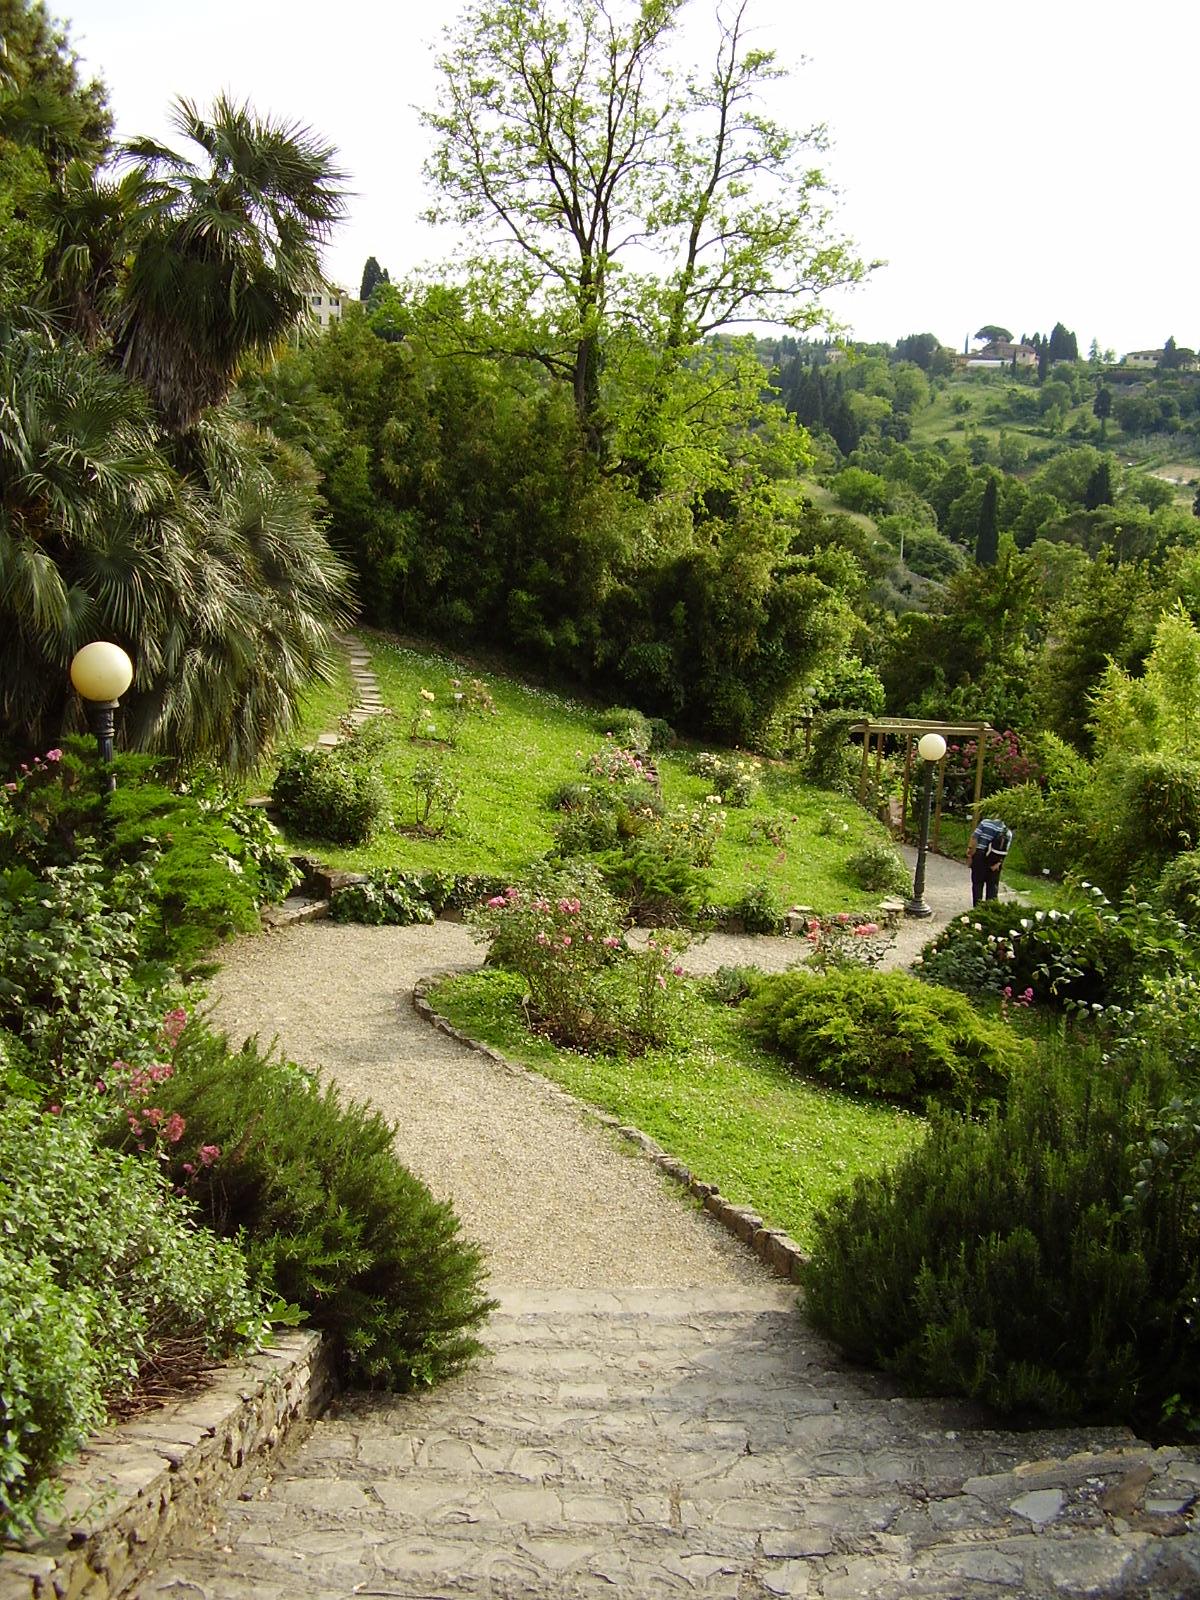 Jardín de las Rosas - Florence with Guide